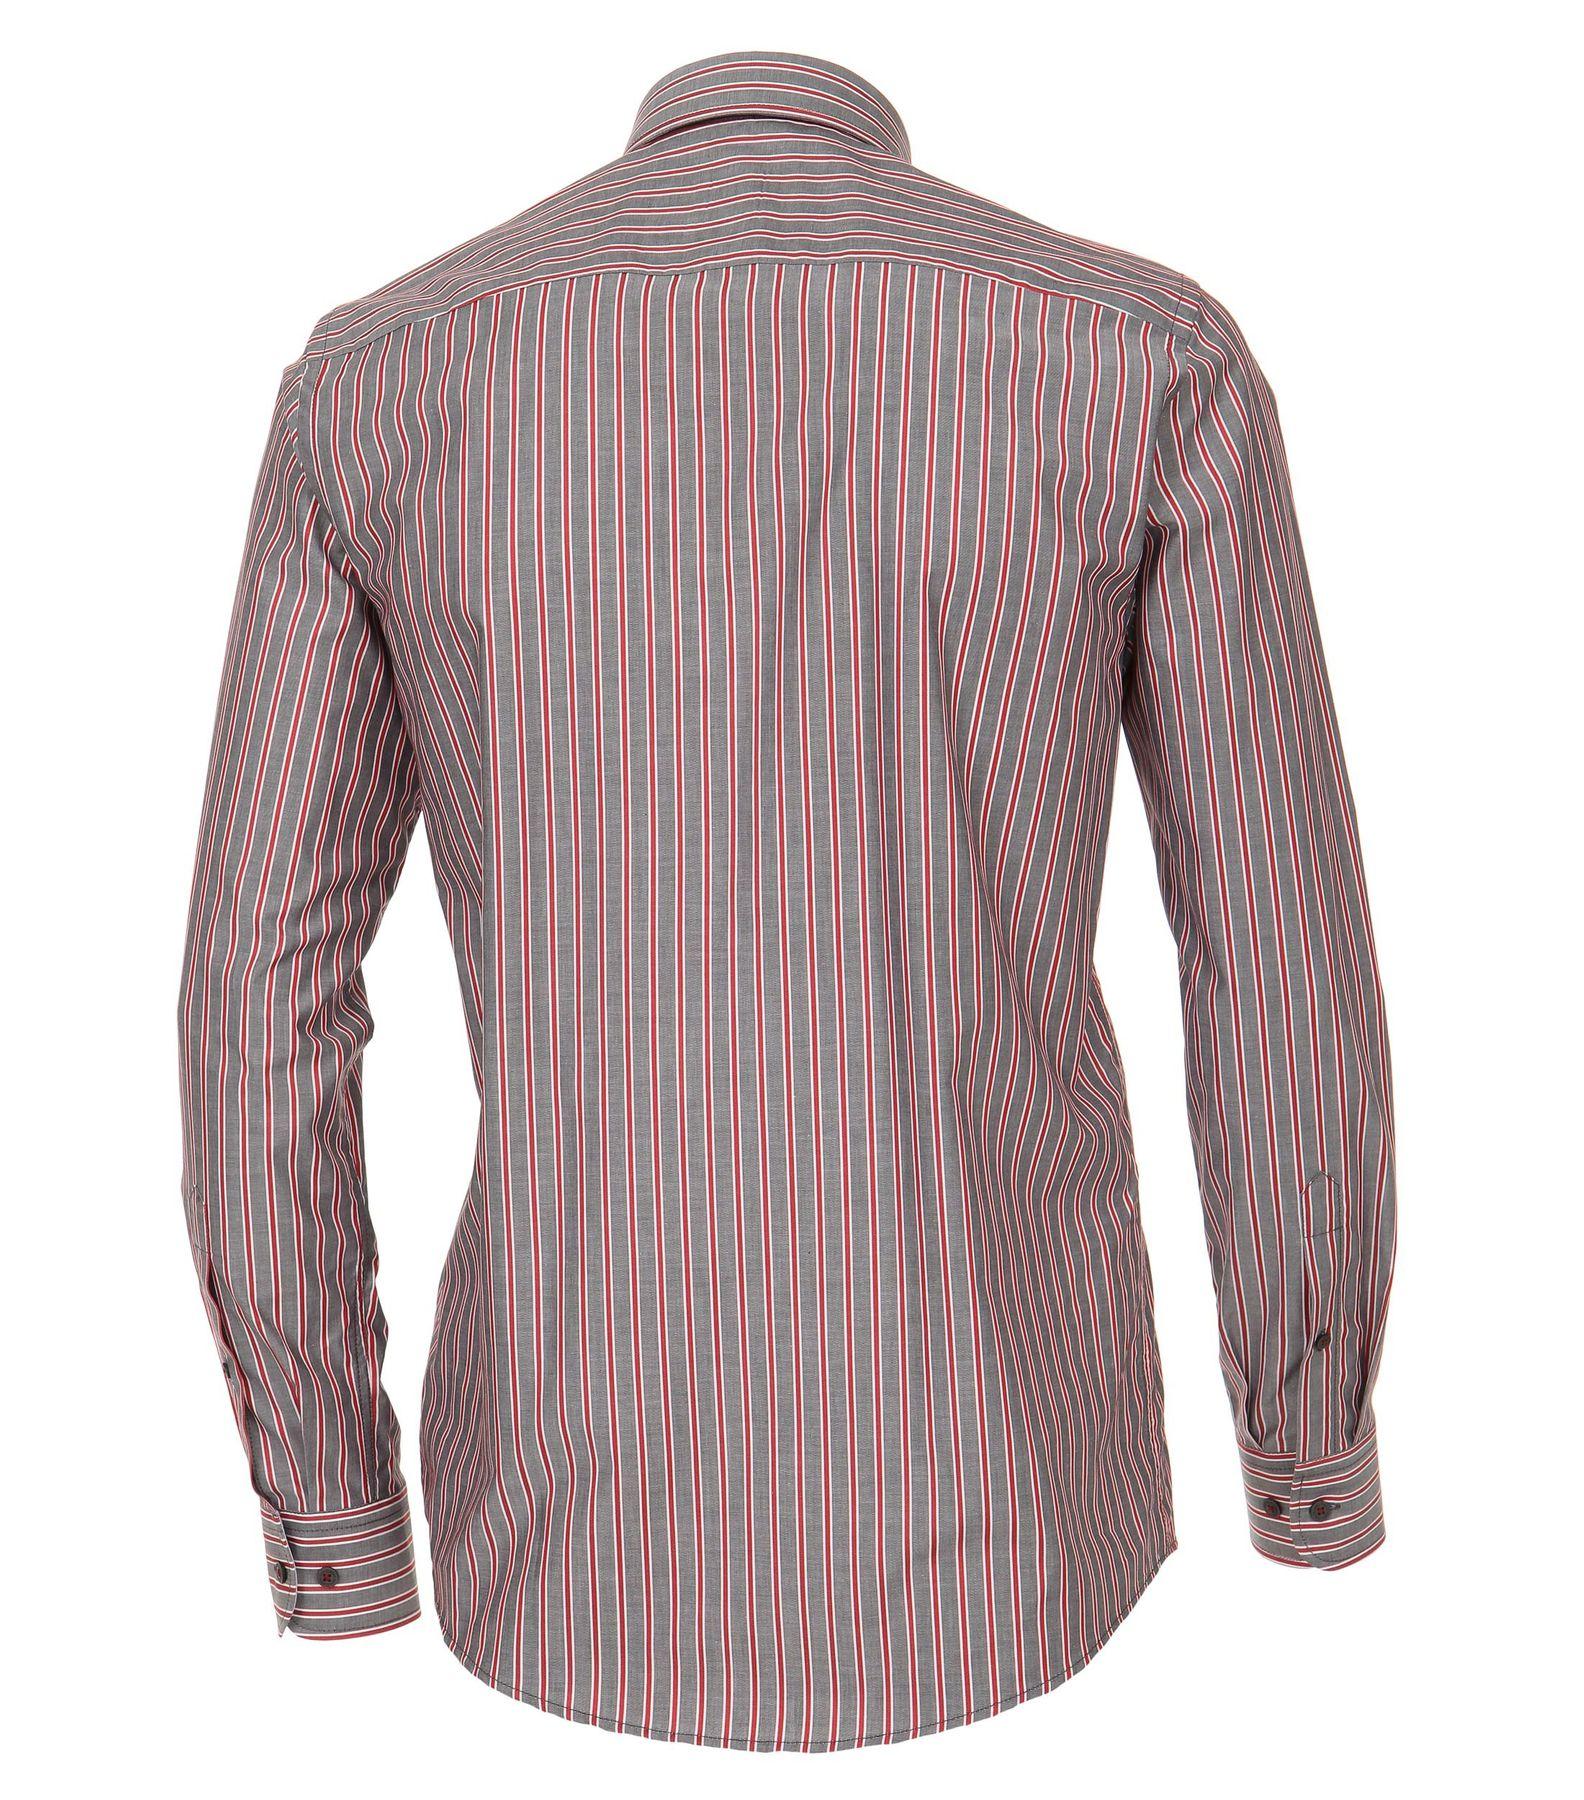 Casa Moda - Casual Fit - Herren Dobby Hemd, gestreift mit Button Down-Kragen in Blau und Rot (472837400A) – Bild 5